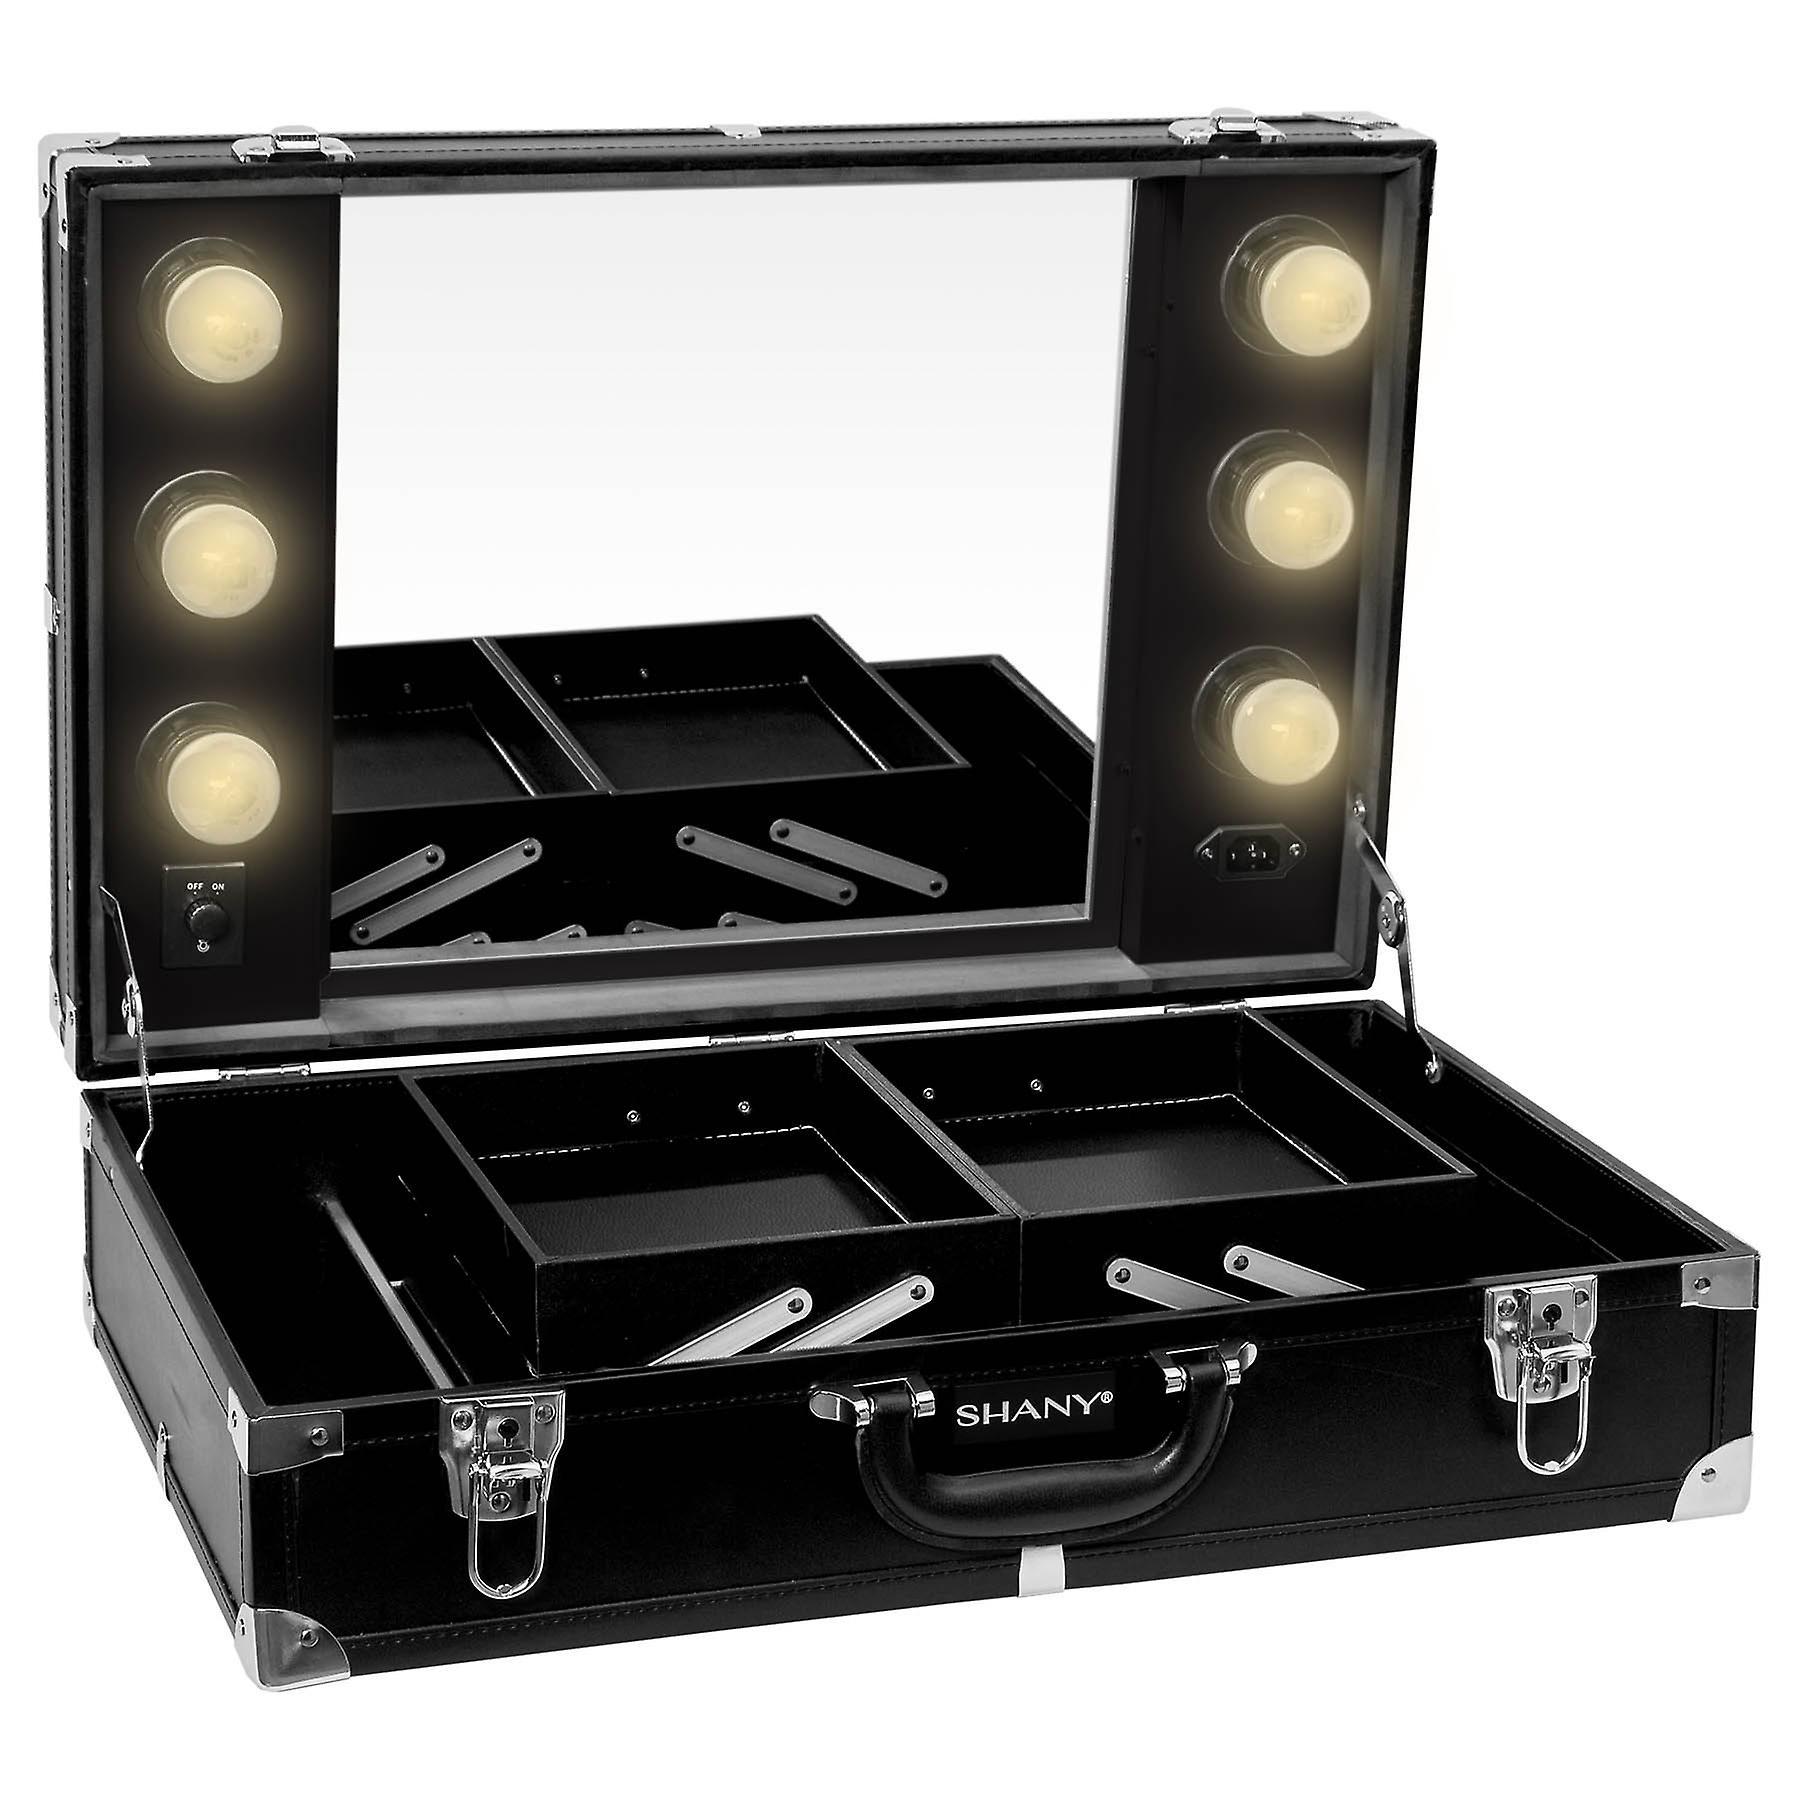 SHANY Studio-To-Go Tabletop Mirror Makeup Station - Cas de maquillage avec dimmable LED Lights Inclus et Poignée de transport